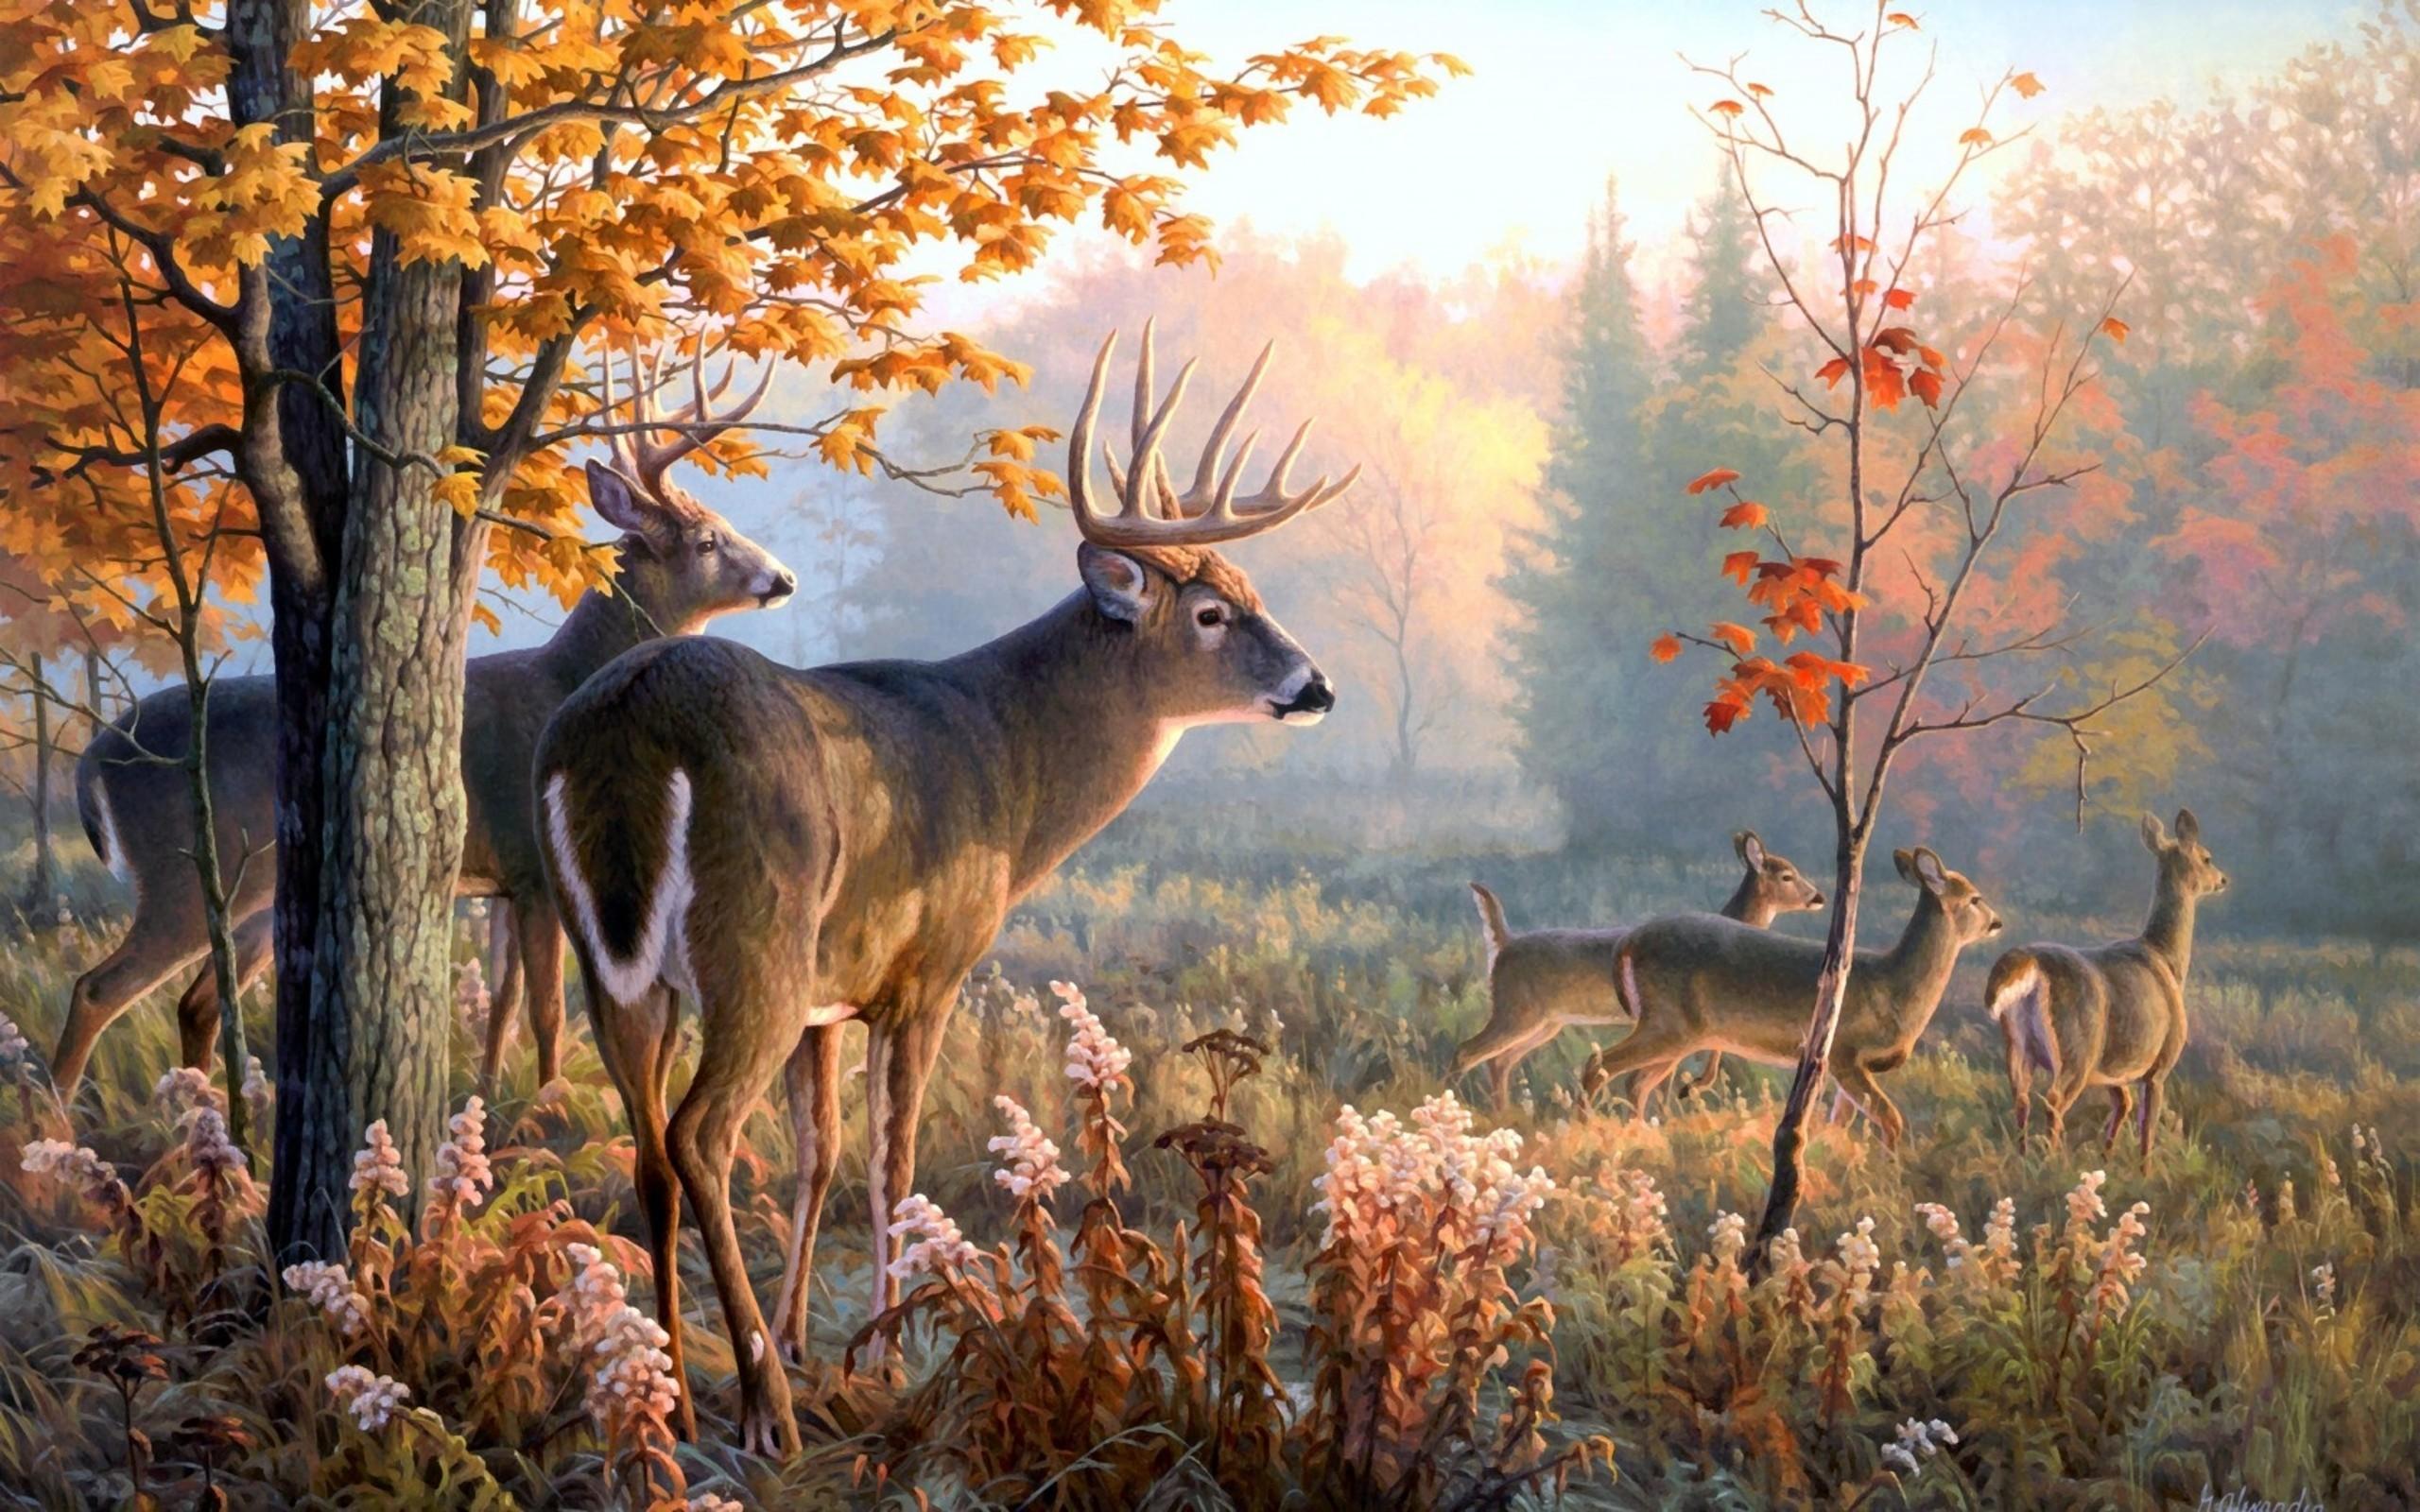 wallpaper, Deer Art Wallpaper hd wallpaper, background desktop .